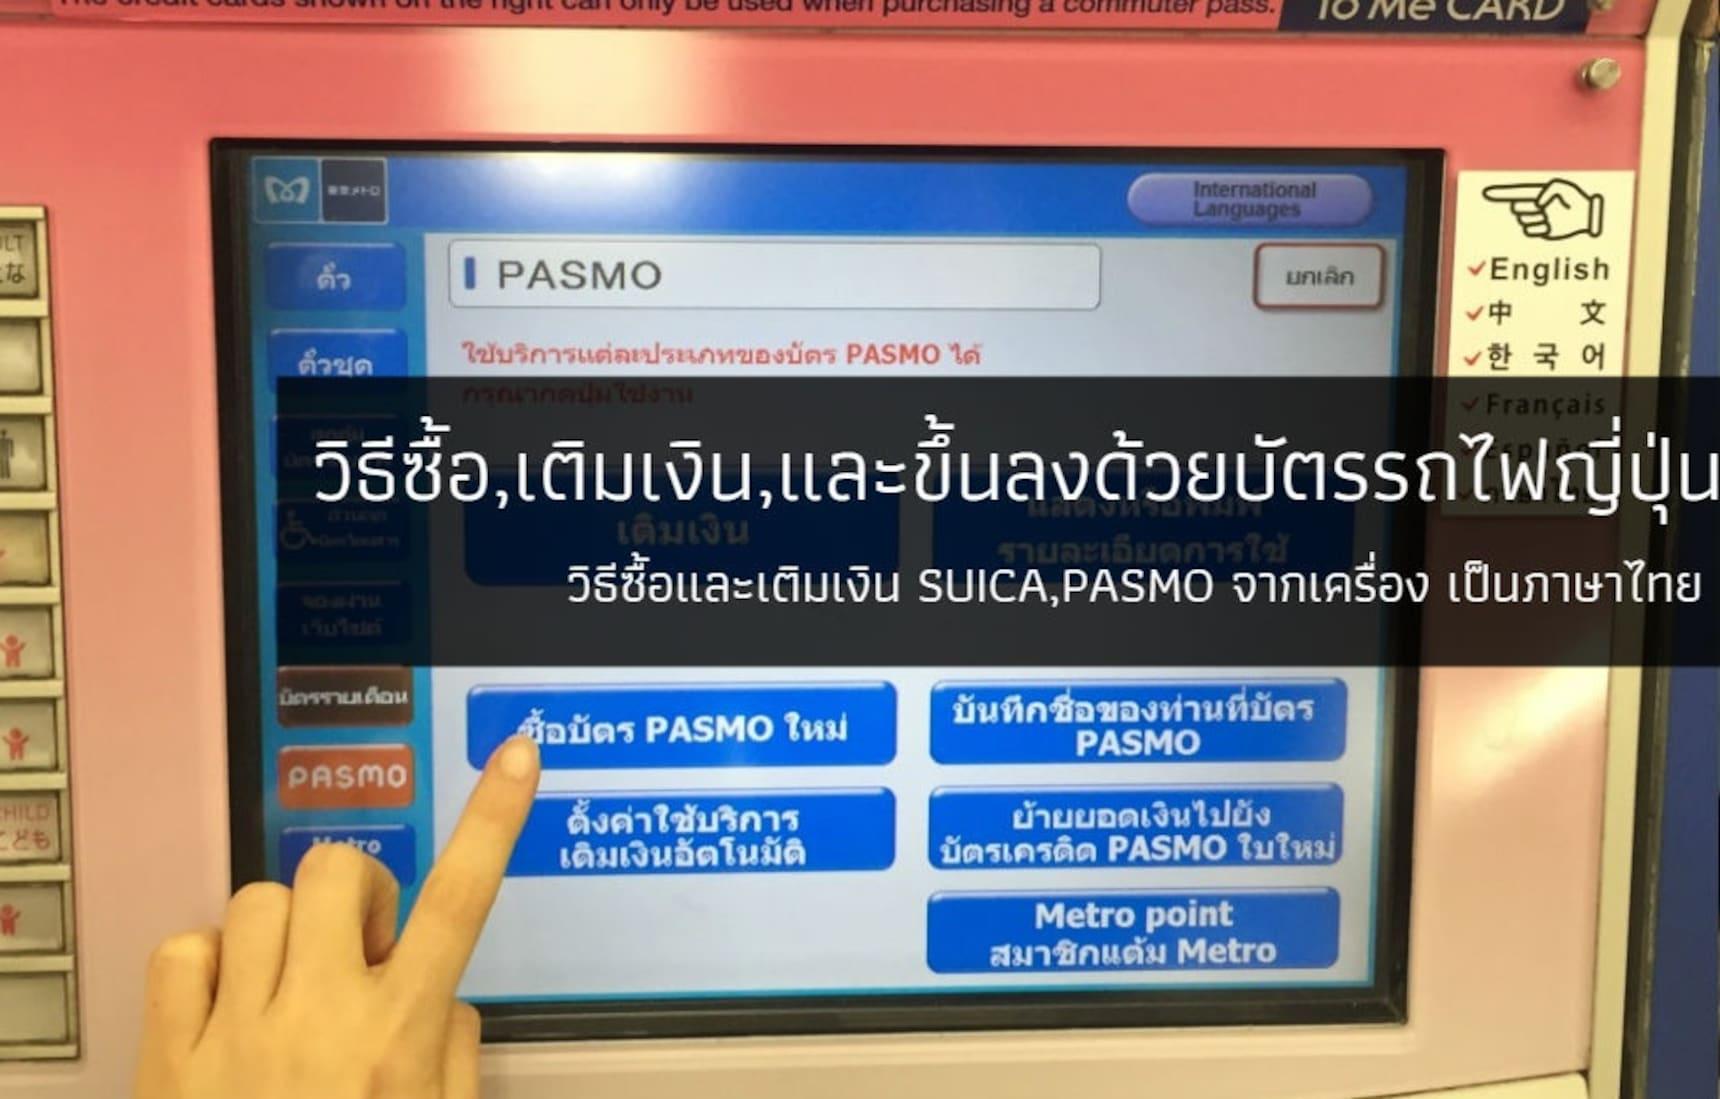 วิธีซื้อ,เติมเงิน,และขึ้นลงด้วยบัตรรถไฟญี่ปุ่น